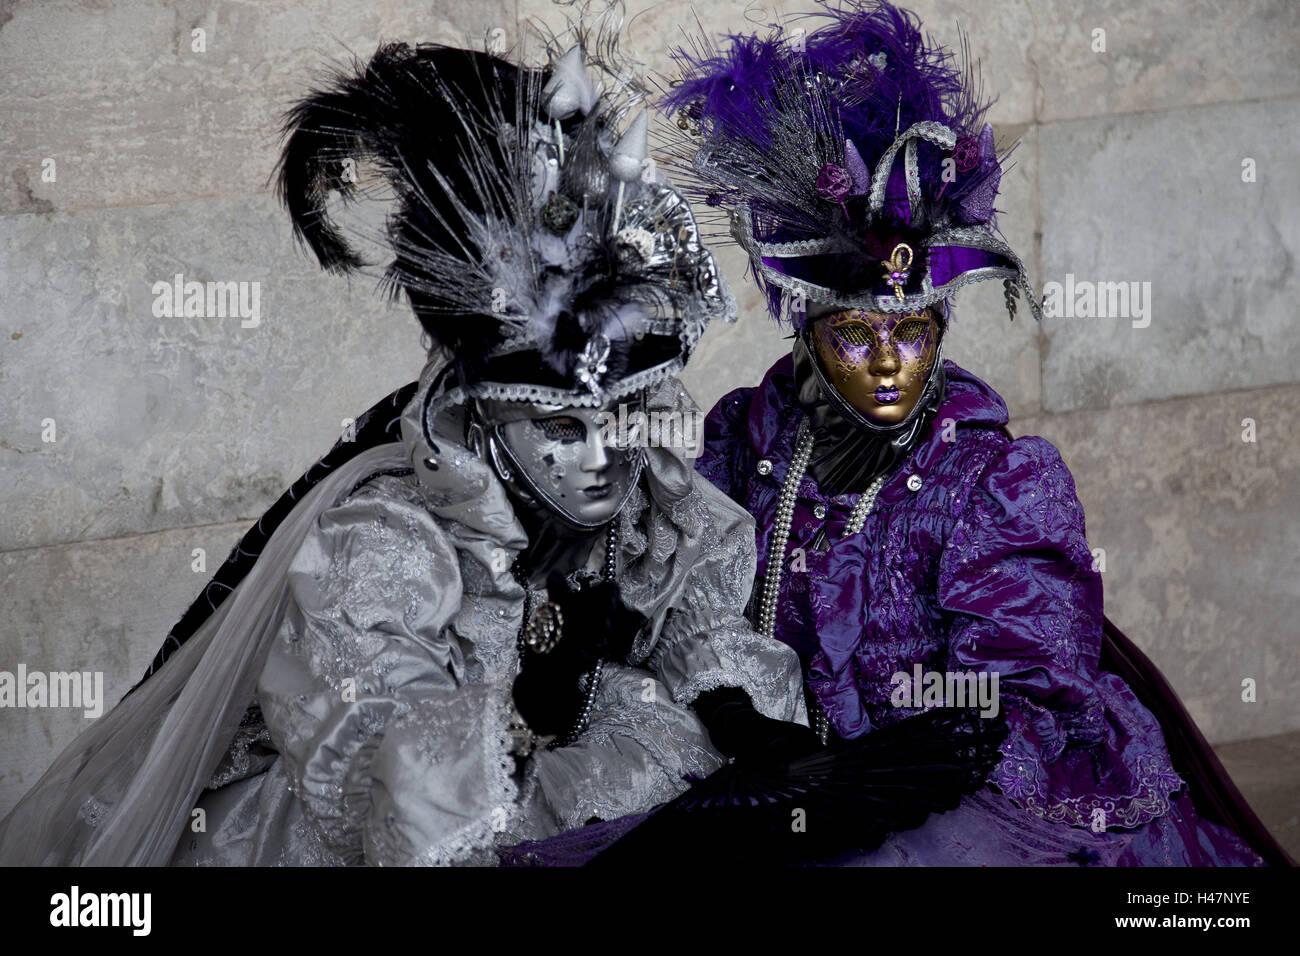 Italien, Venedig, Karneval, Menschen, zwei, Masken, halbe Porträt ...